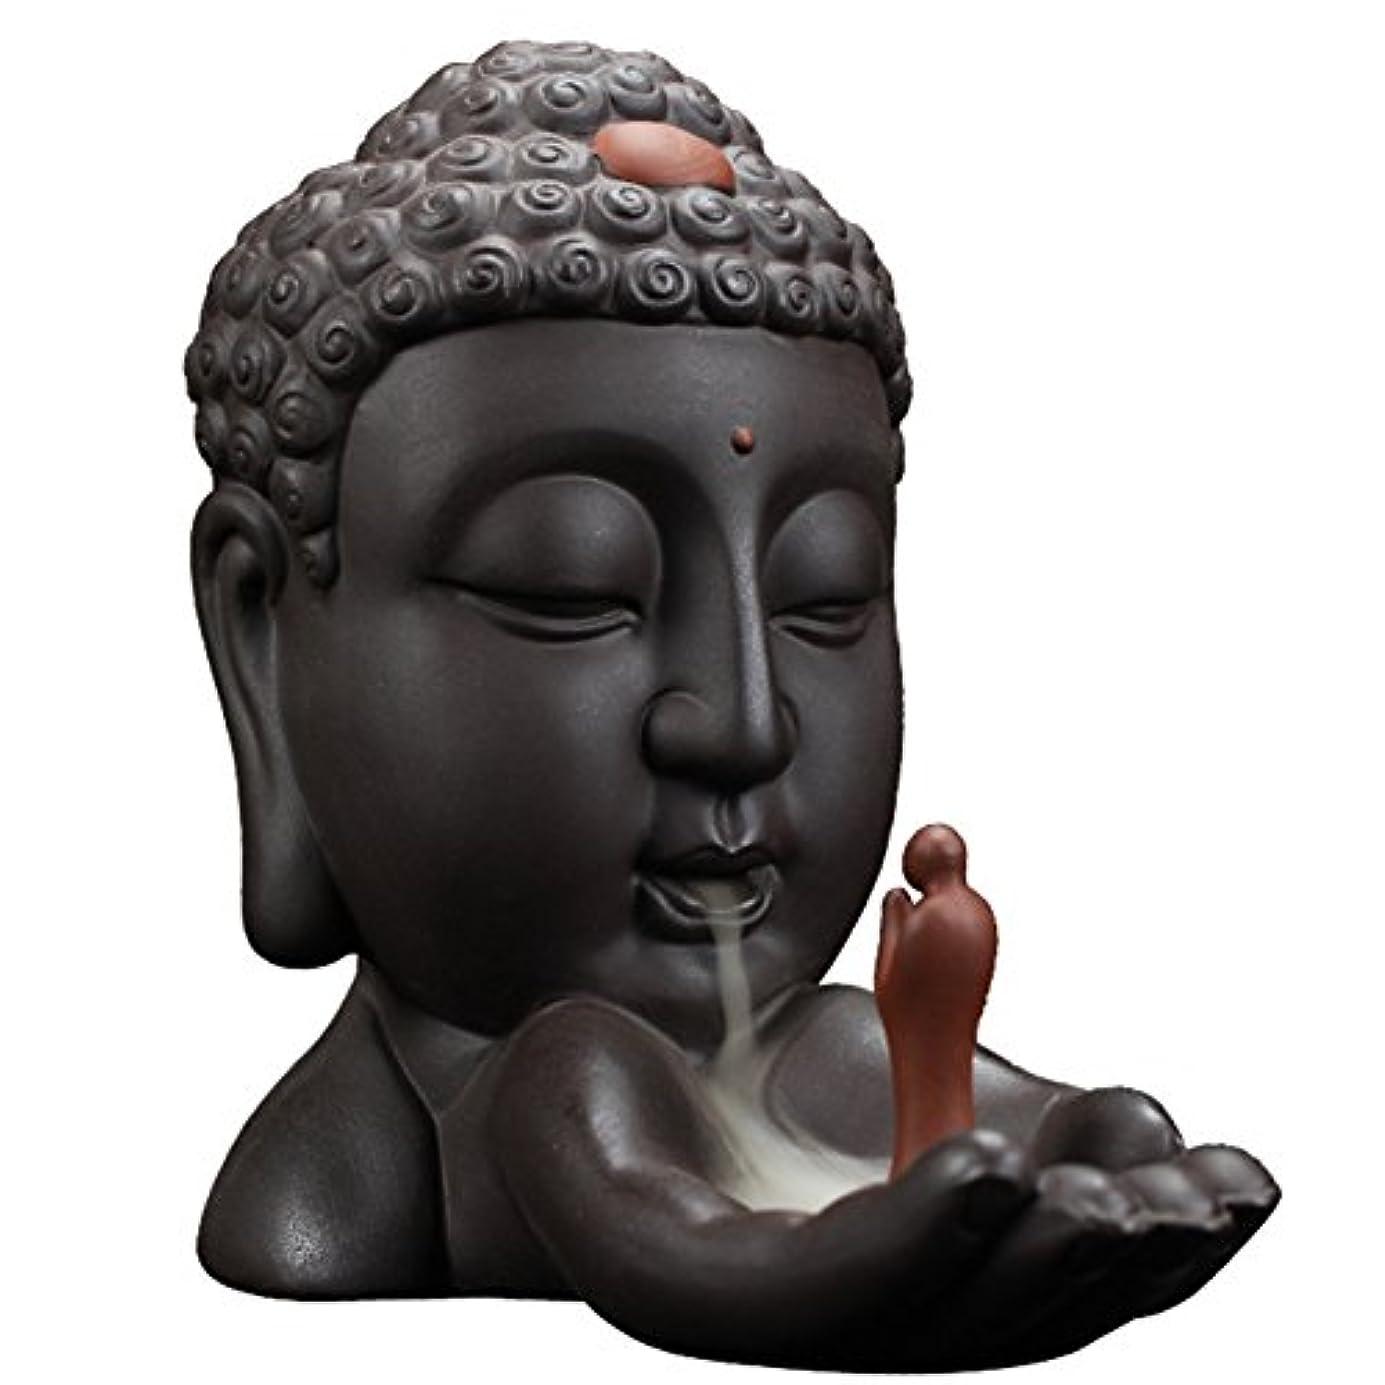 プロテスタント容器正当なBackflow Incense Burnerクリエイティブホーム装飾セラミックBuddha Incense Holder Buddhist Censerギフト